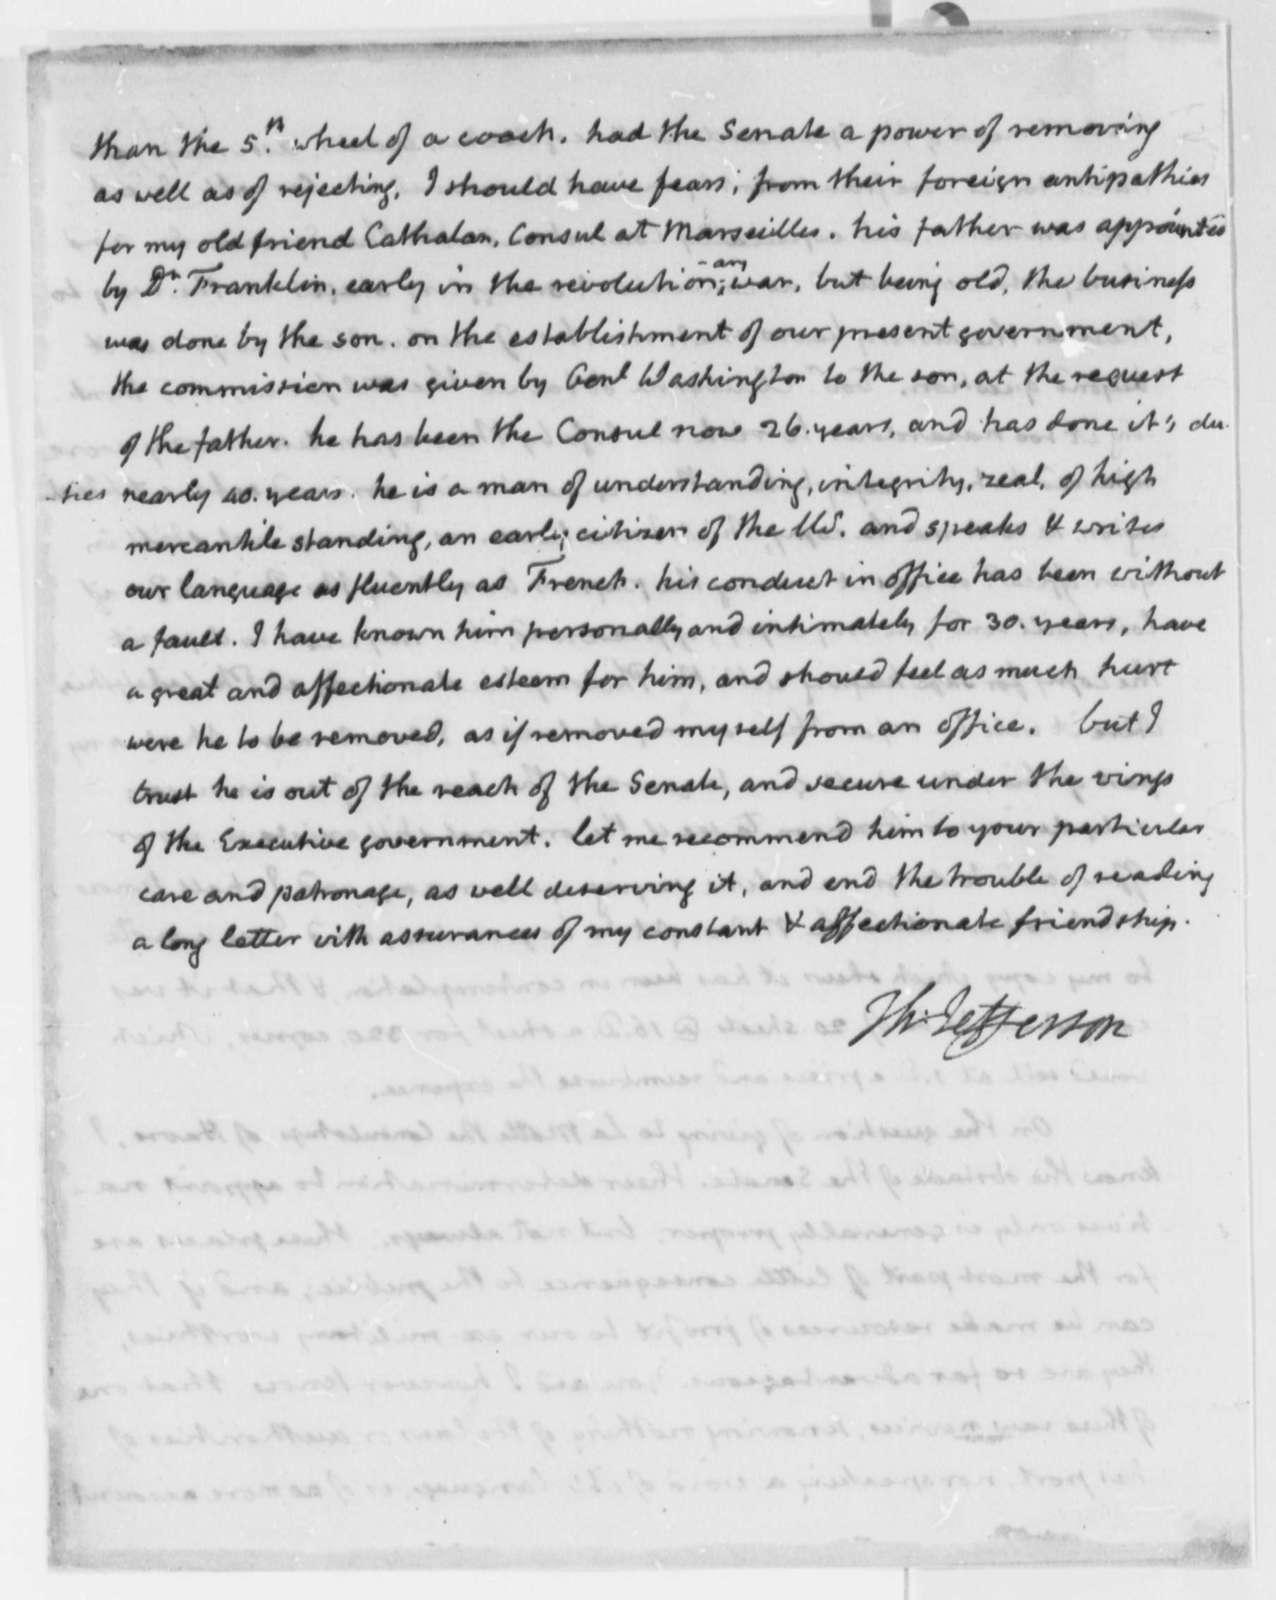 Thomas Jefferson to James Monroe, February 4, 1816